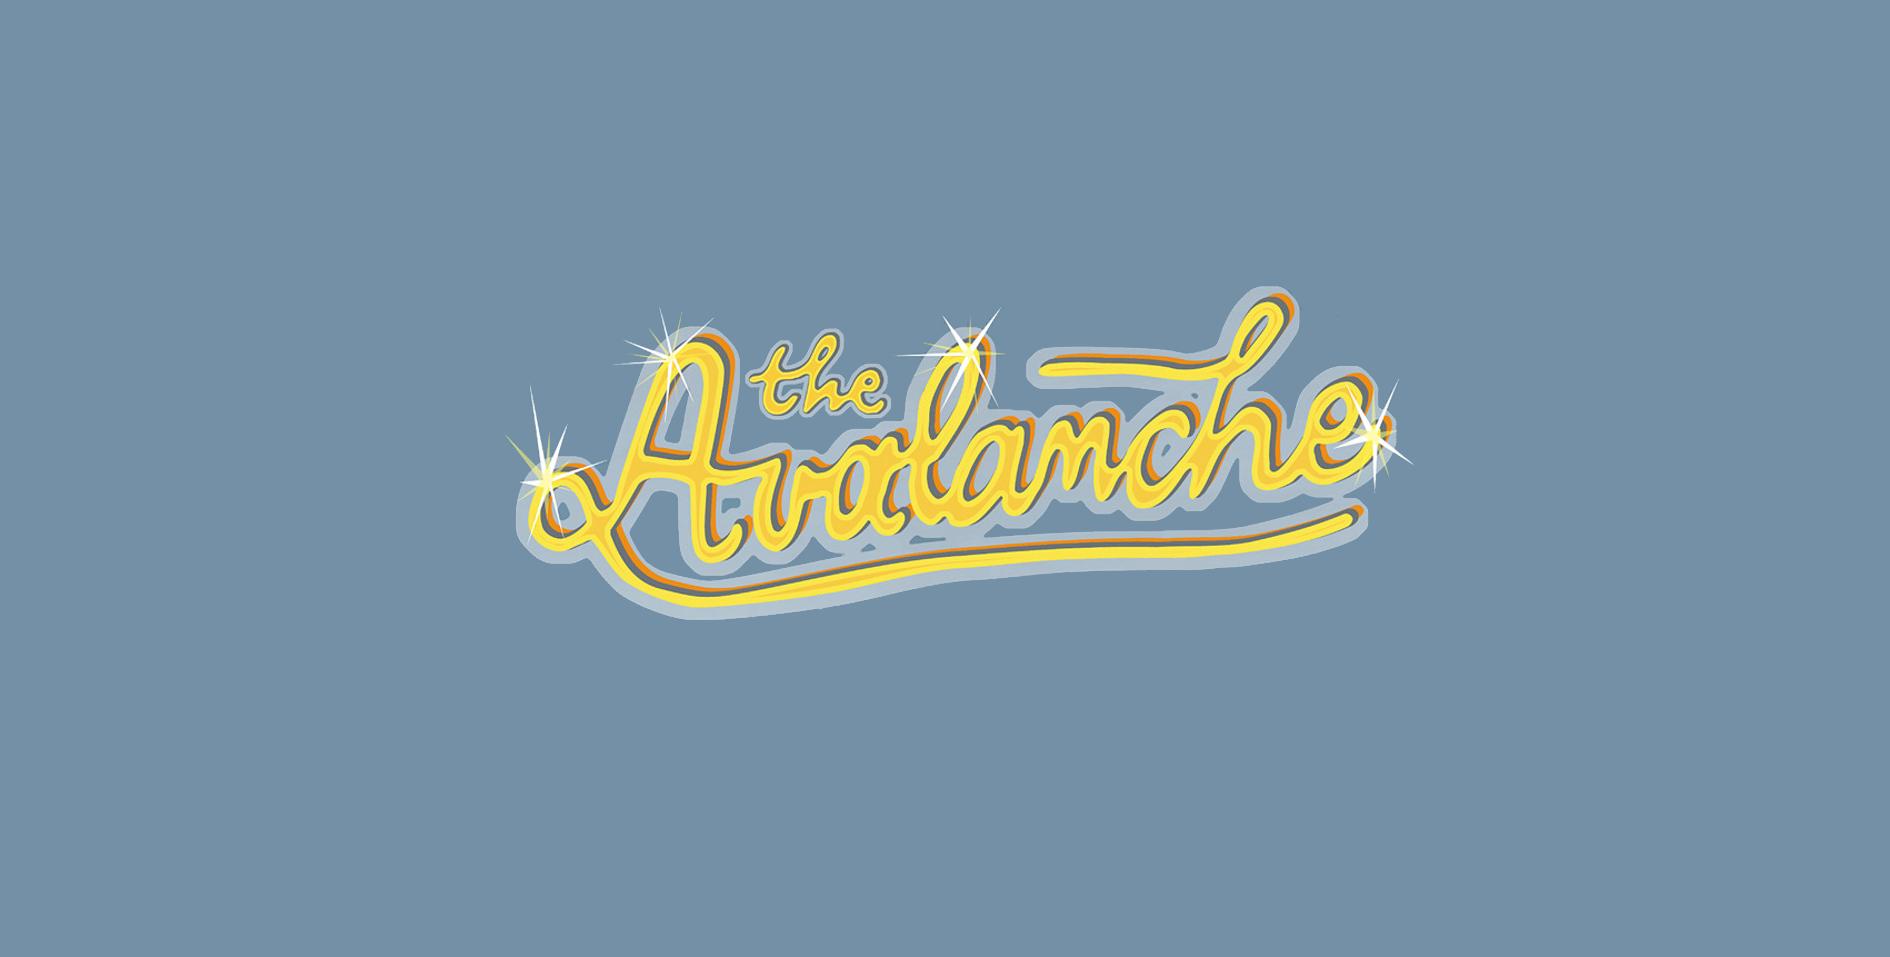 i love sufjan steven's album the avalanche | Sufjan ...